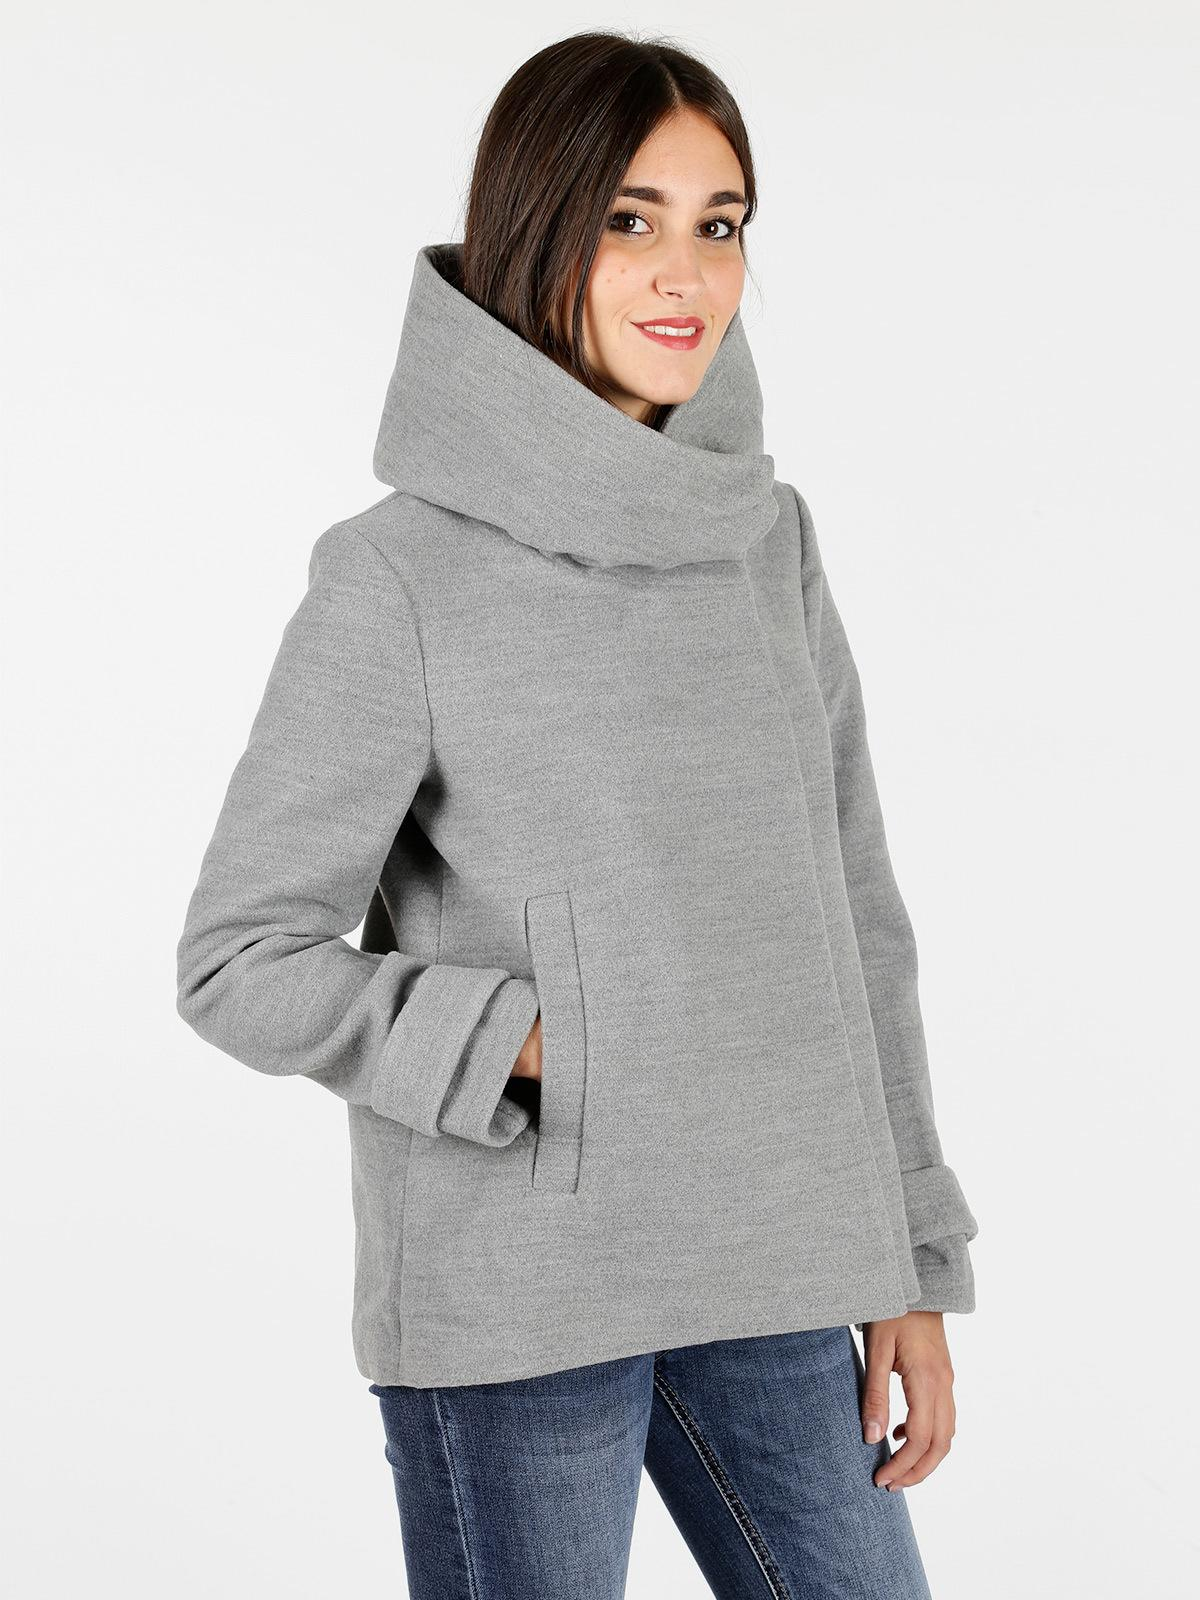 buy popular 4e529 c4629 Cappotto con cappuccio - grigio solada | MecShopping